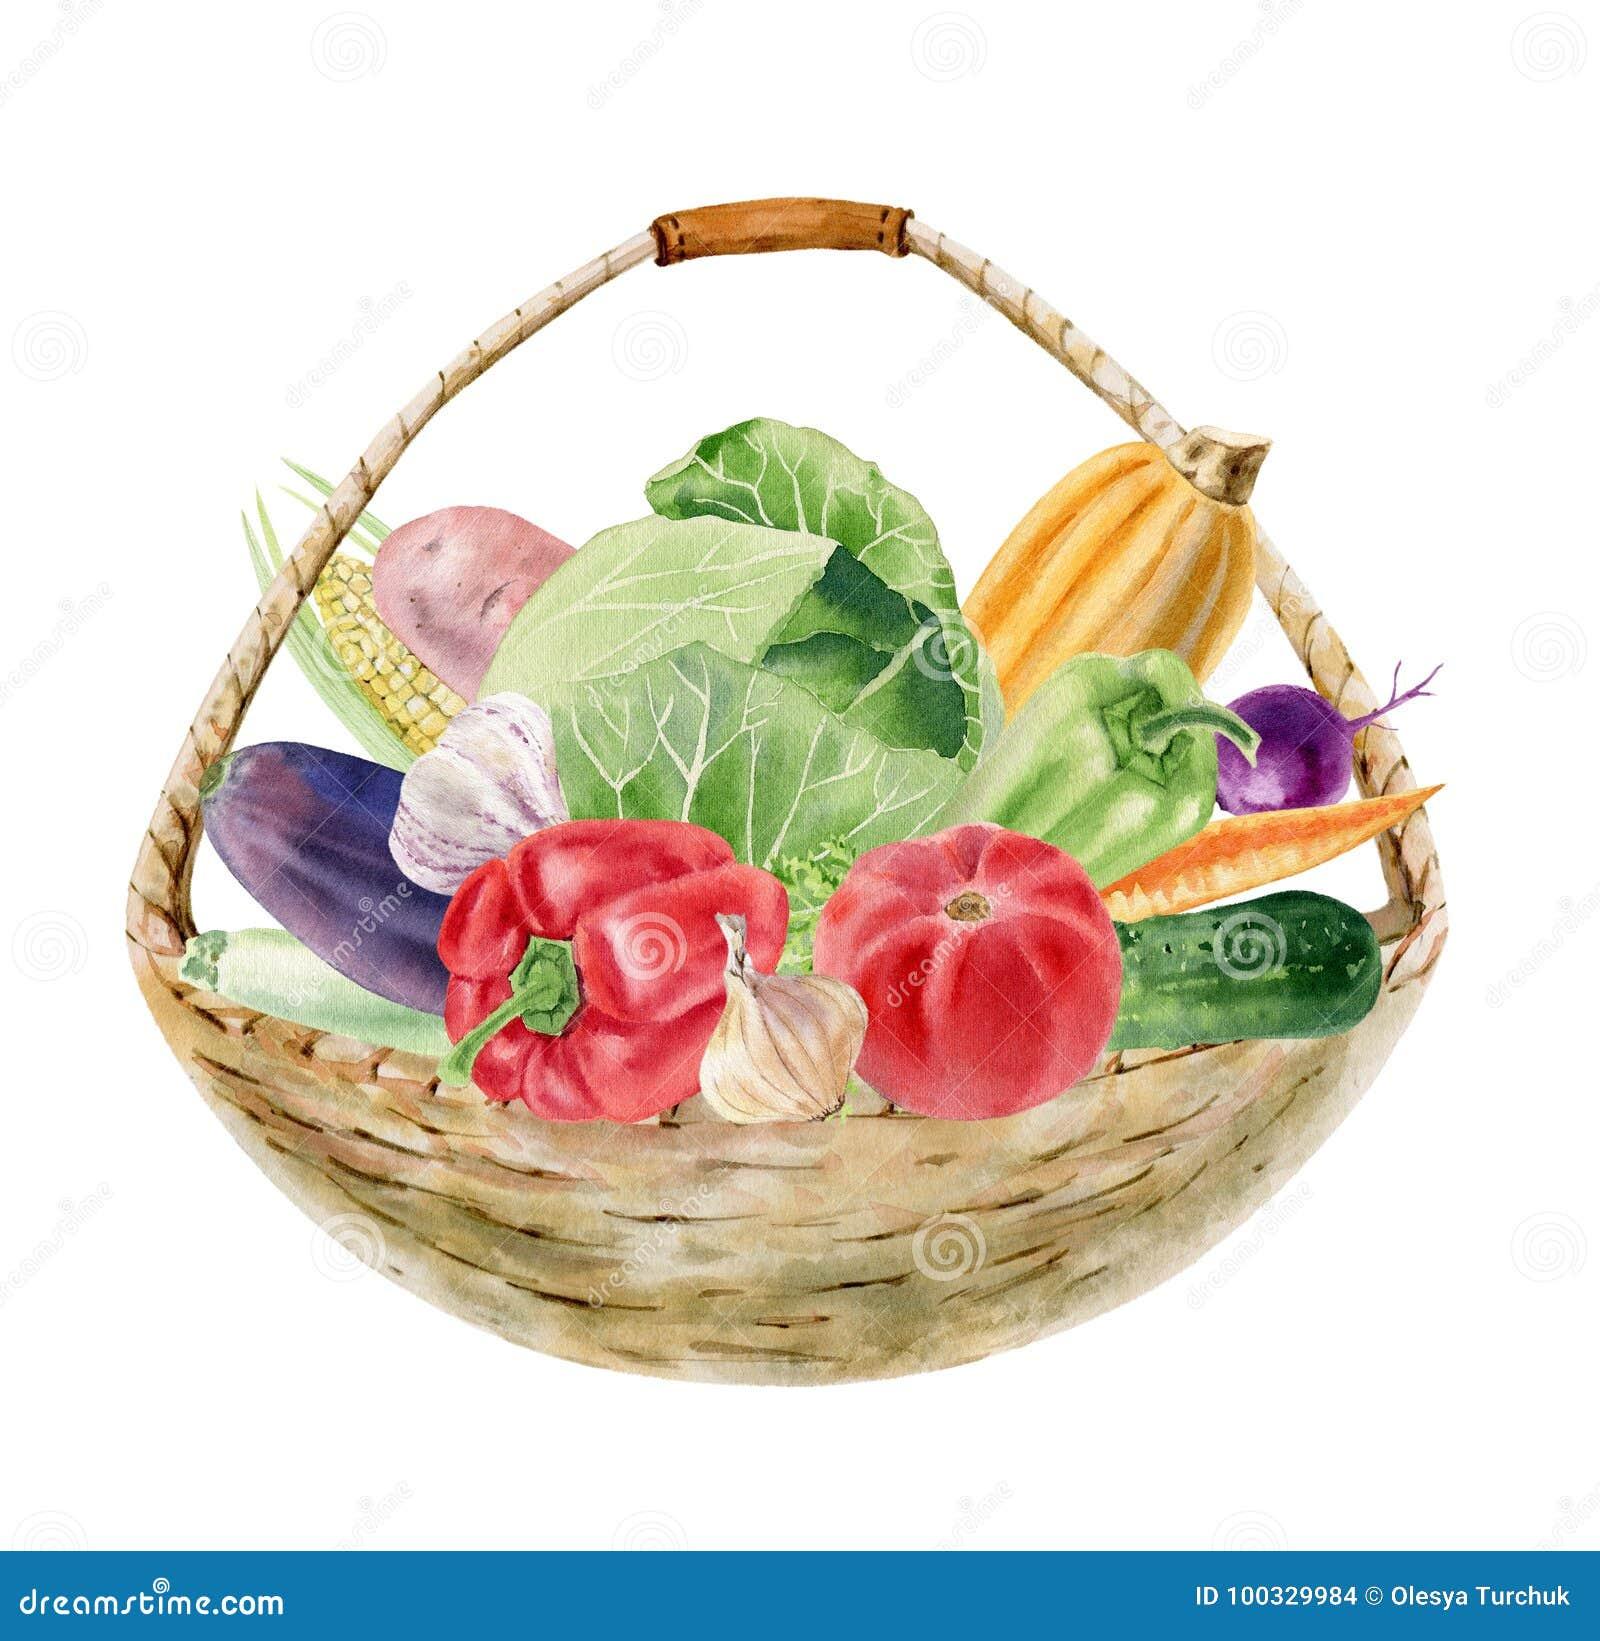 Clipart pintado a mano de la acuarela con las verduras frescas en cesta